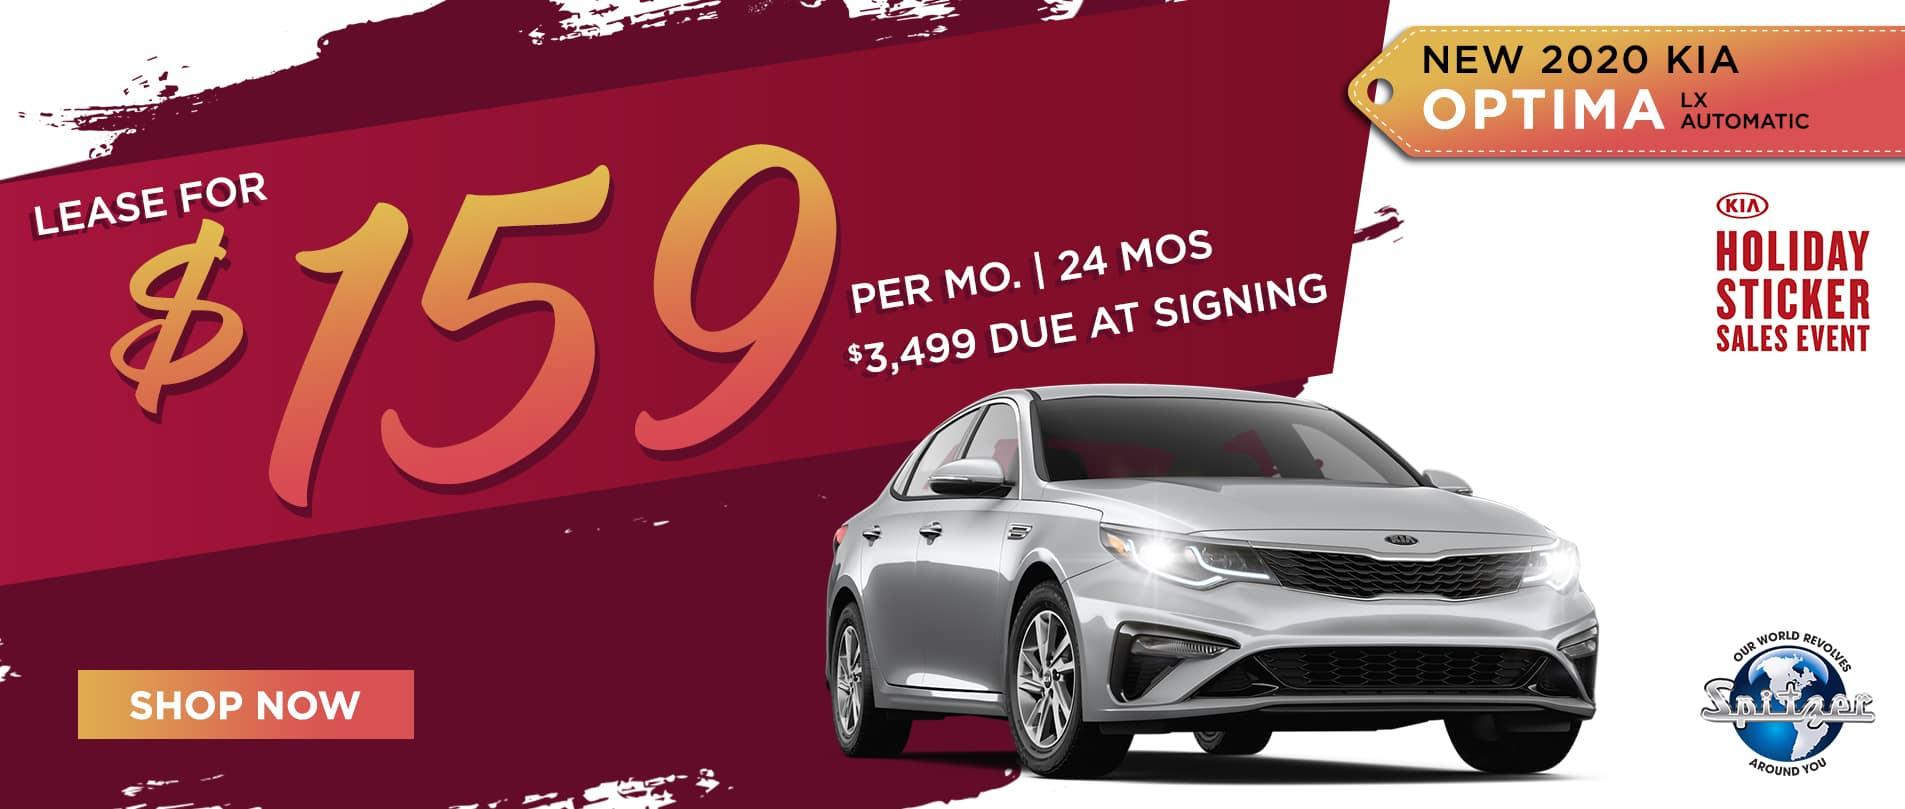 Optima | Lease for $159 per mo